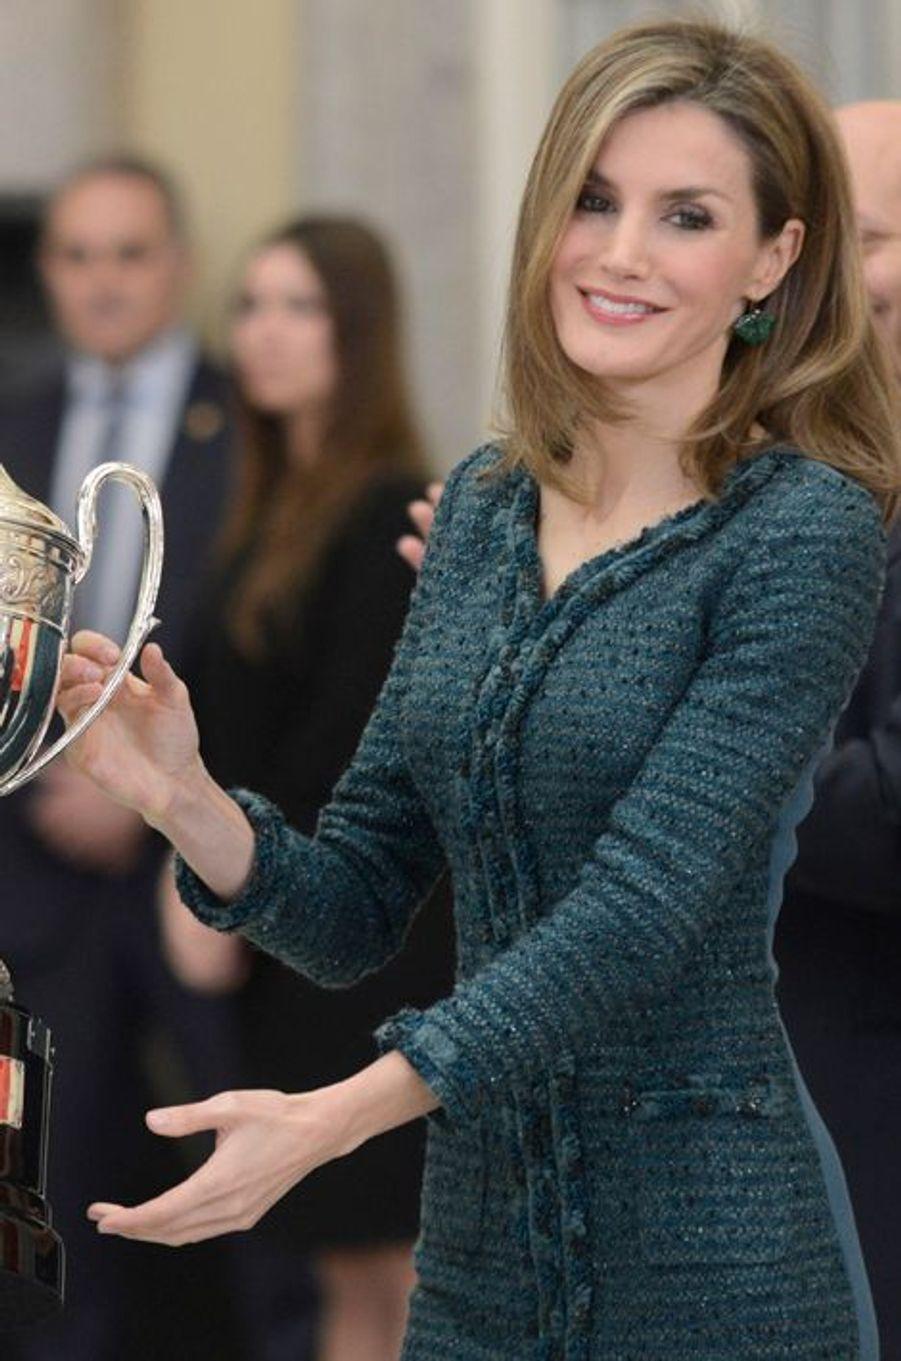 La reine Letizia d'Espagne remet un prix du sport 2013 à Madrid, le 4 décembre 2014